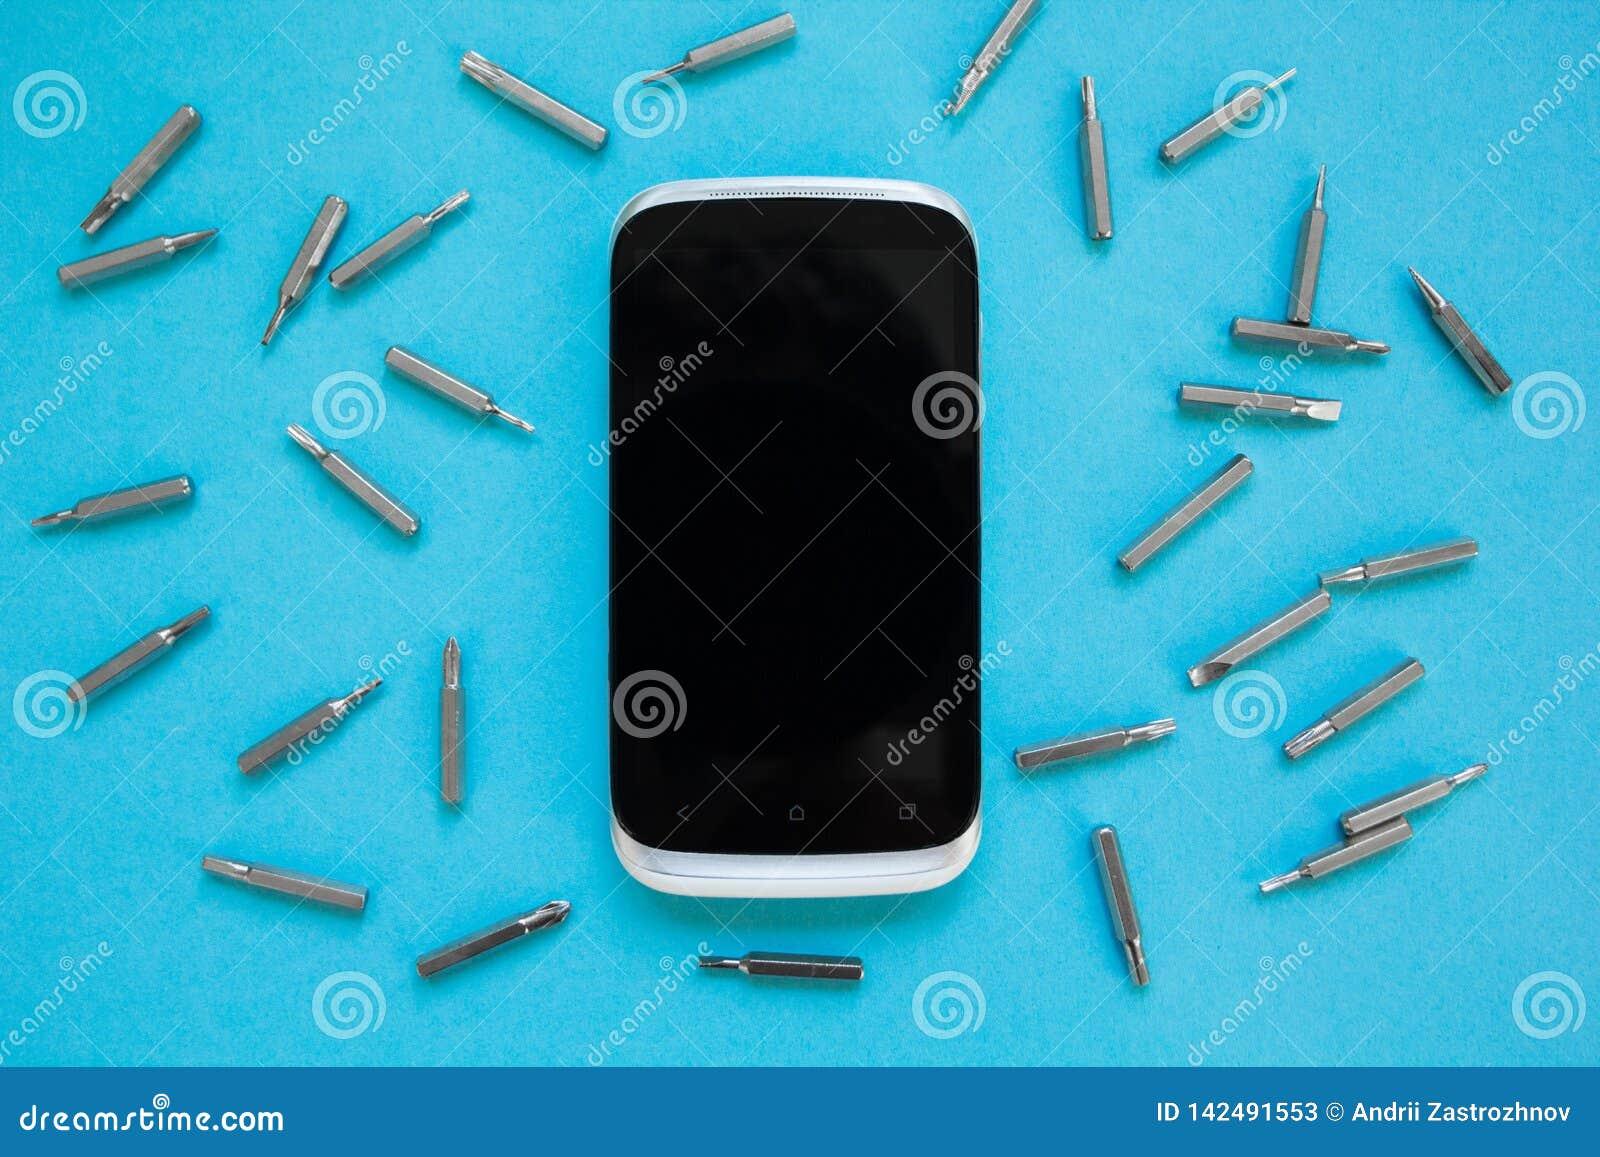 Άποψη άνωθεν σχετικά με το smartphone με τα εργαλεία σε ένα μπλε υπόβαθρο